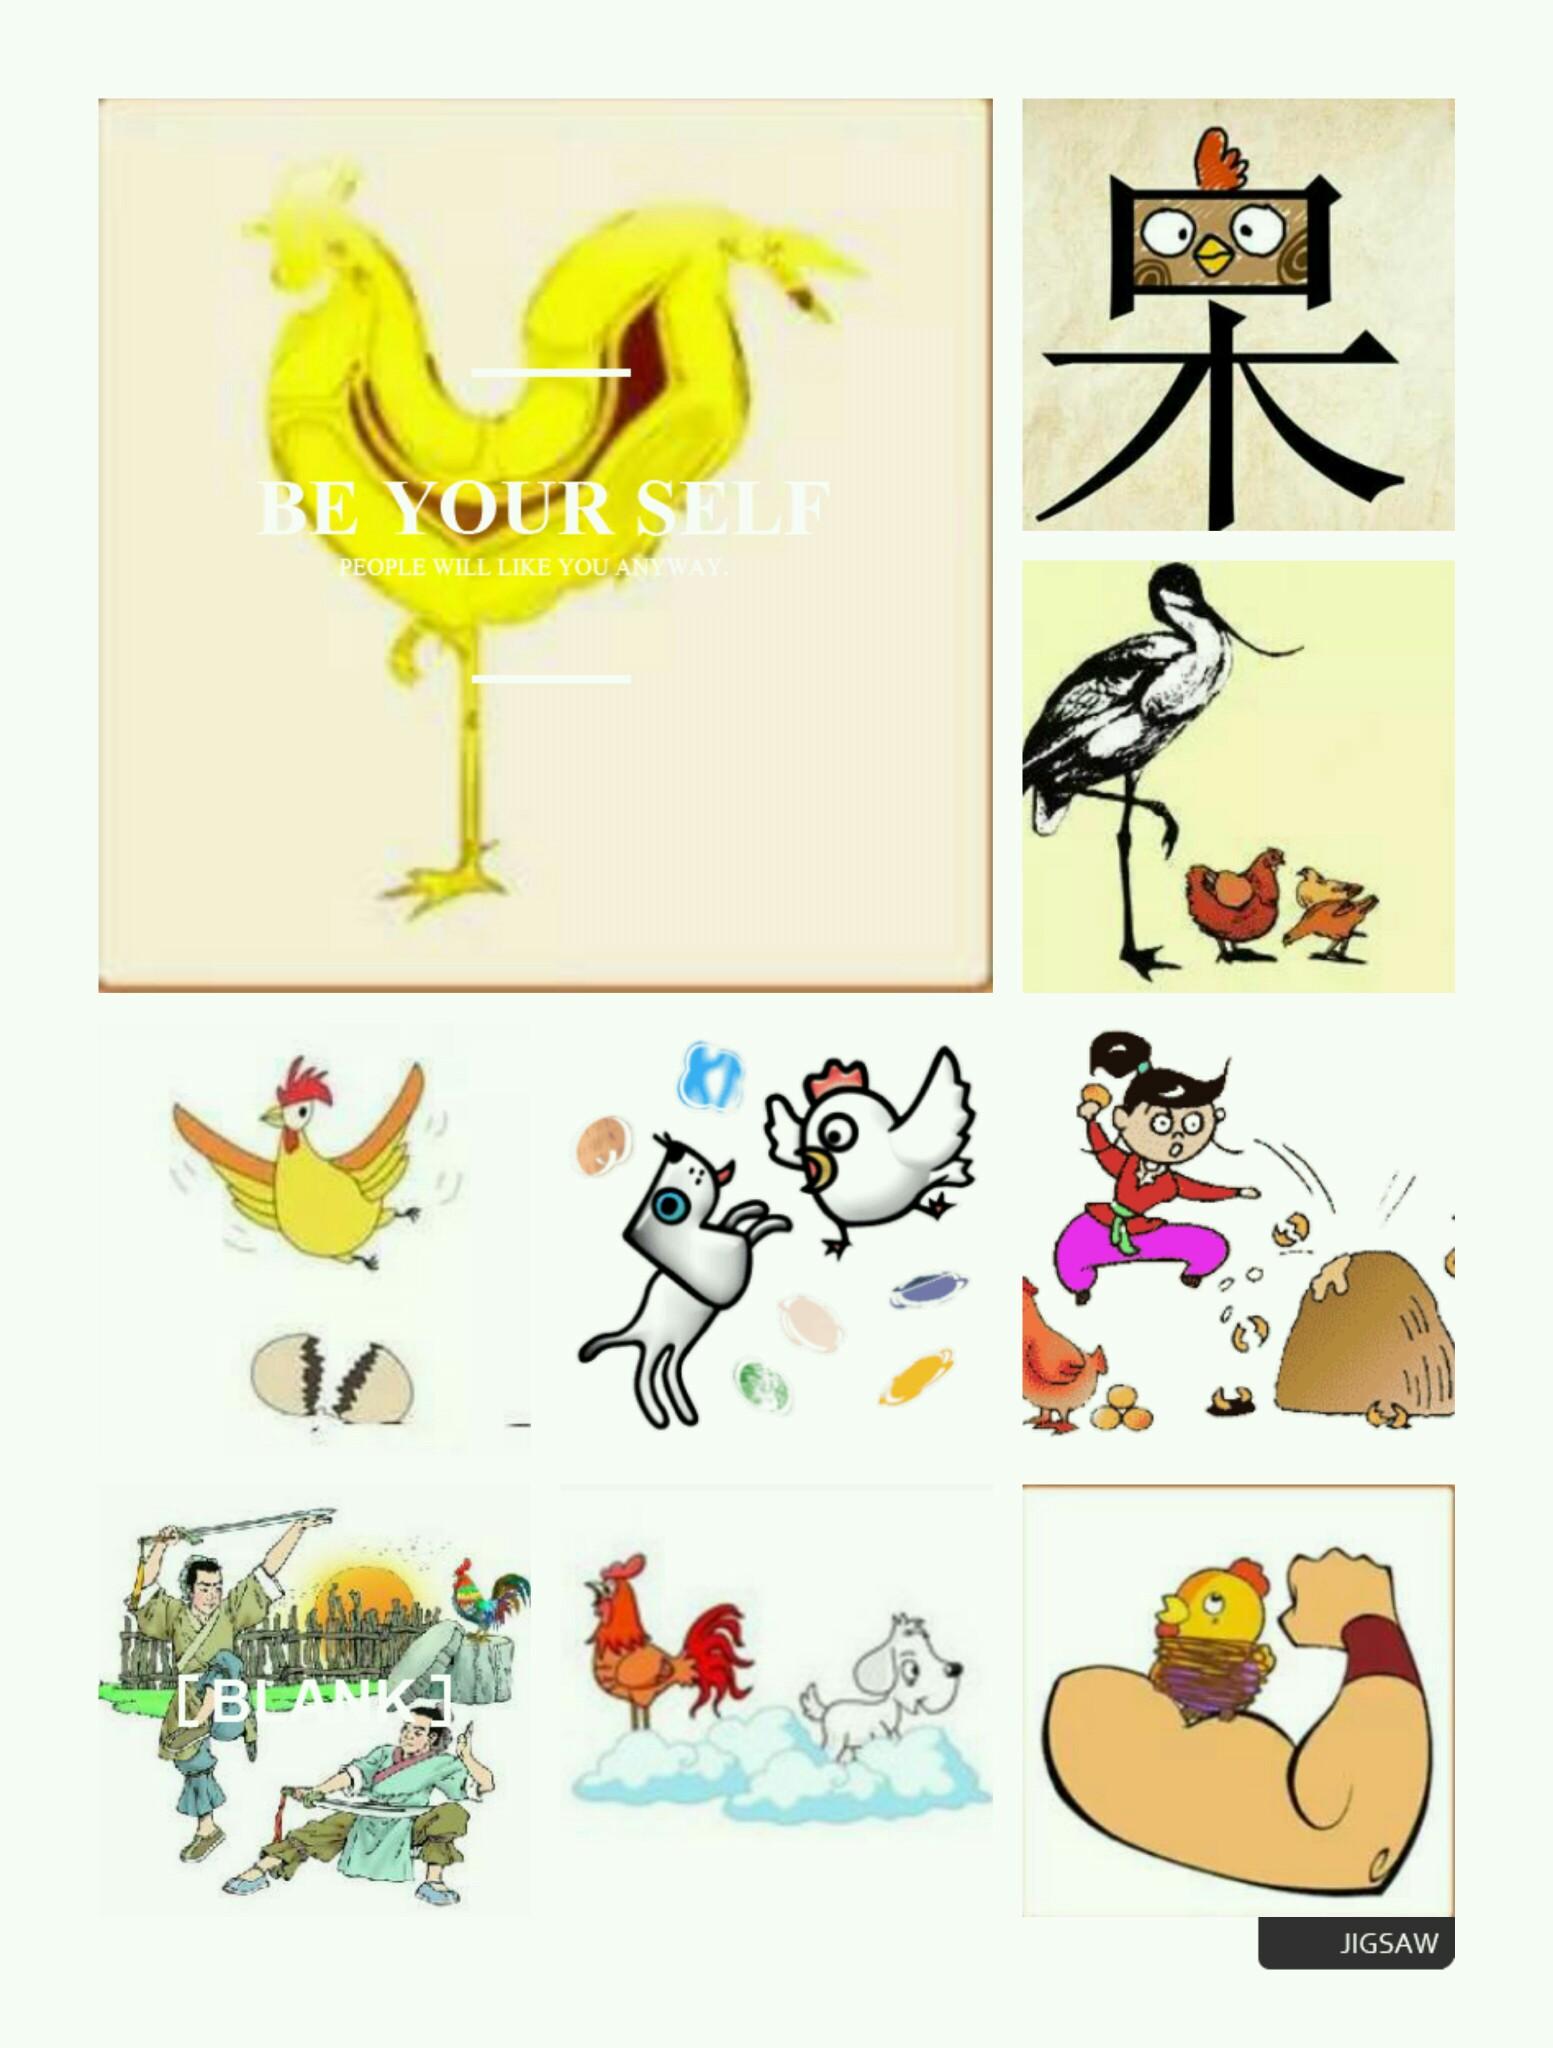 鸡看图猜成语是什么成语_看图猜成语一条狗一只鸡答案是什么